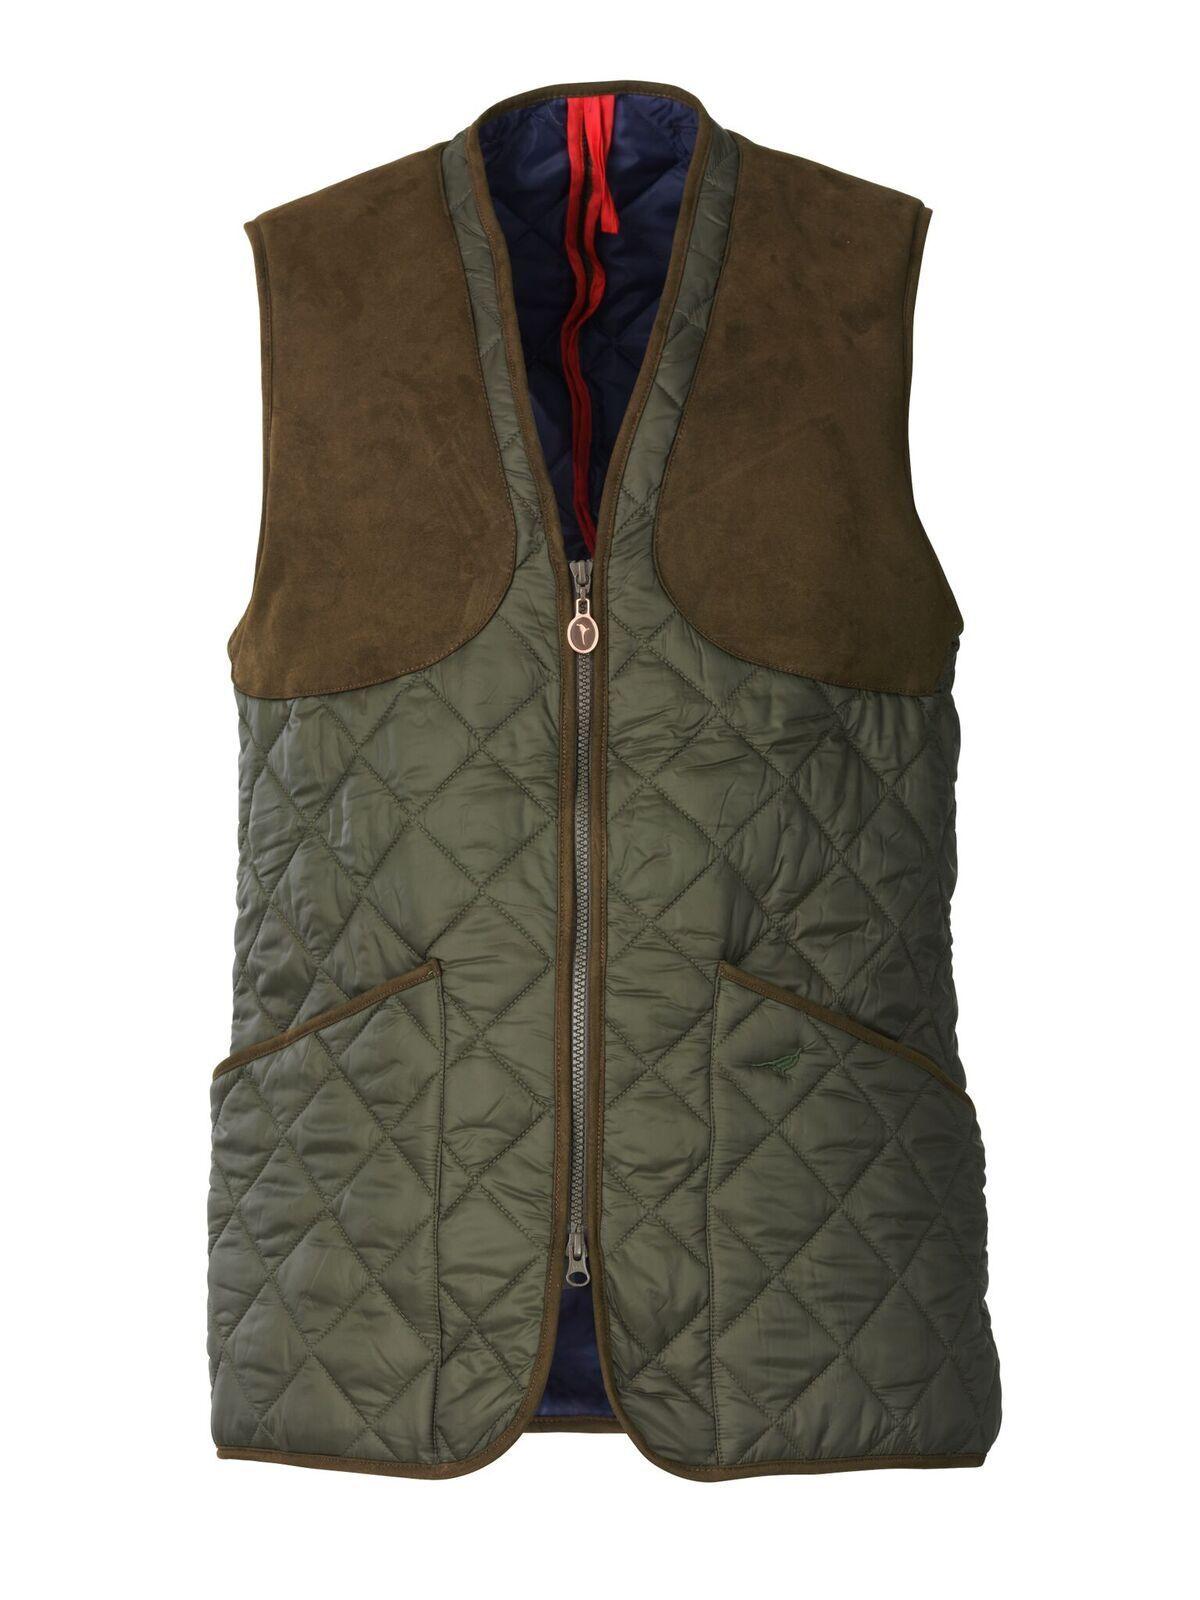 Laksen 5405 Ludlow Quilted Shooting Vest waistcoat